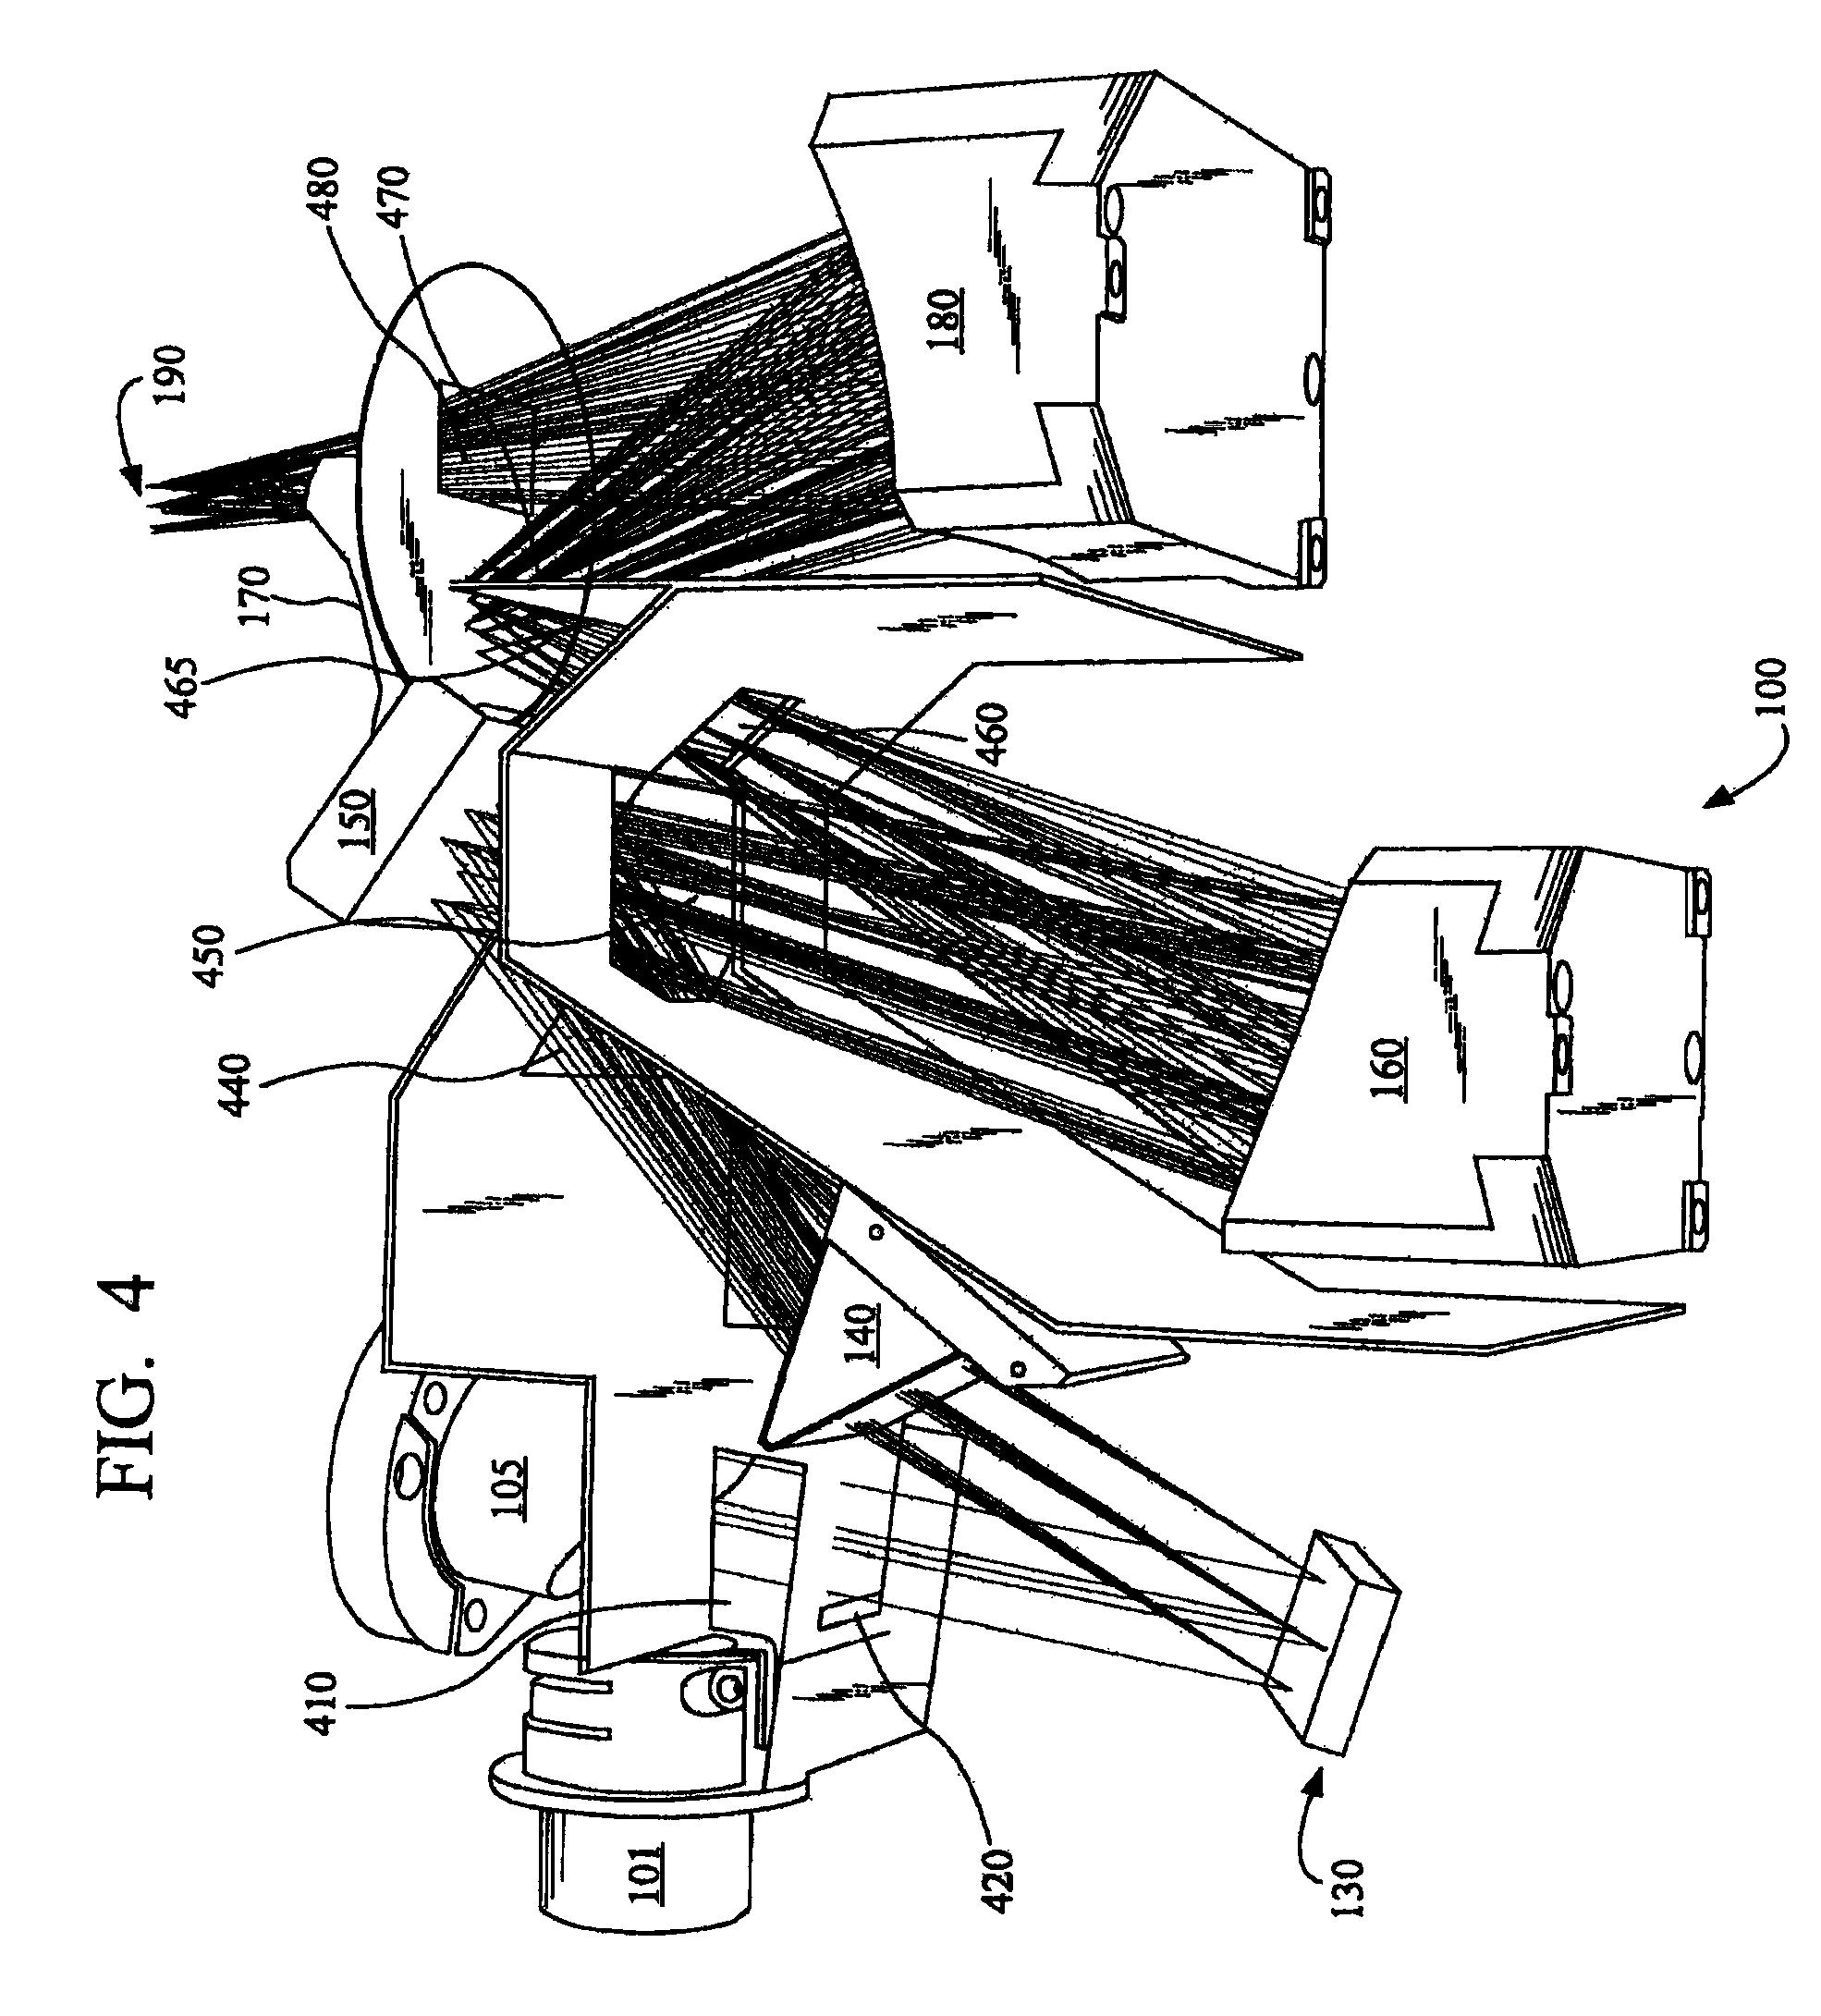 Patent US7936455.